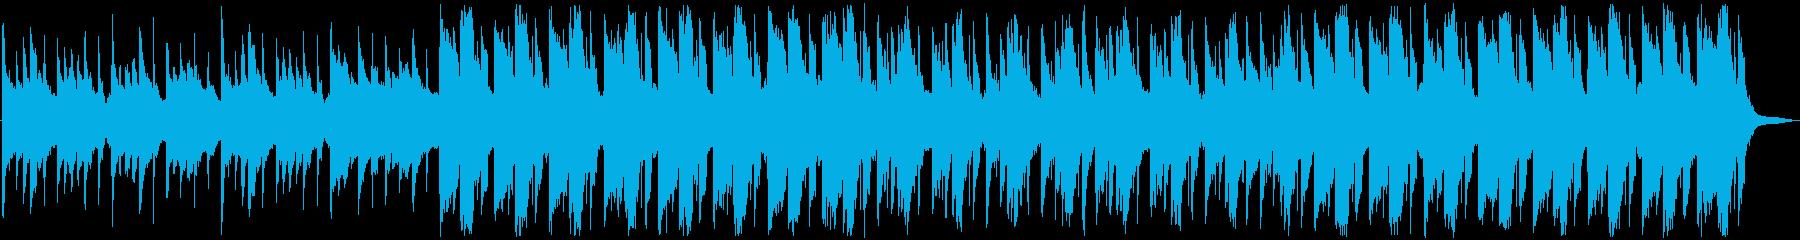 ゆったりとした和風な楽曲の再生済みの波形